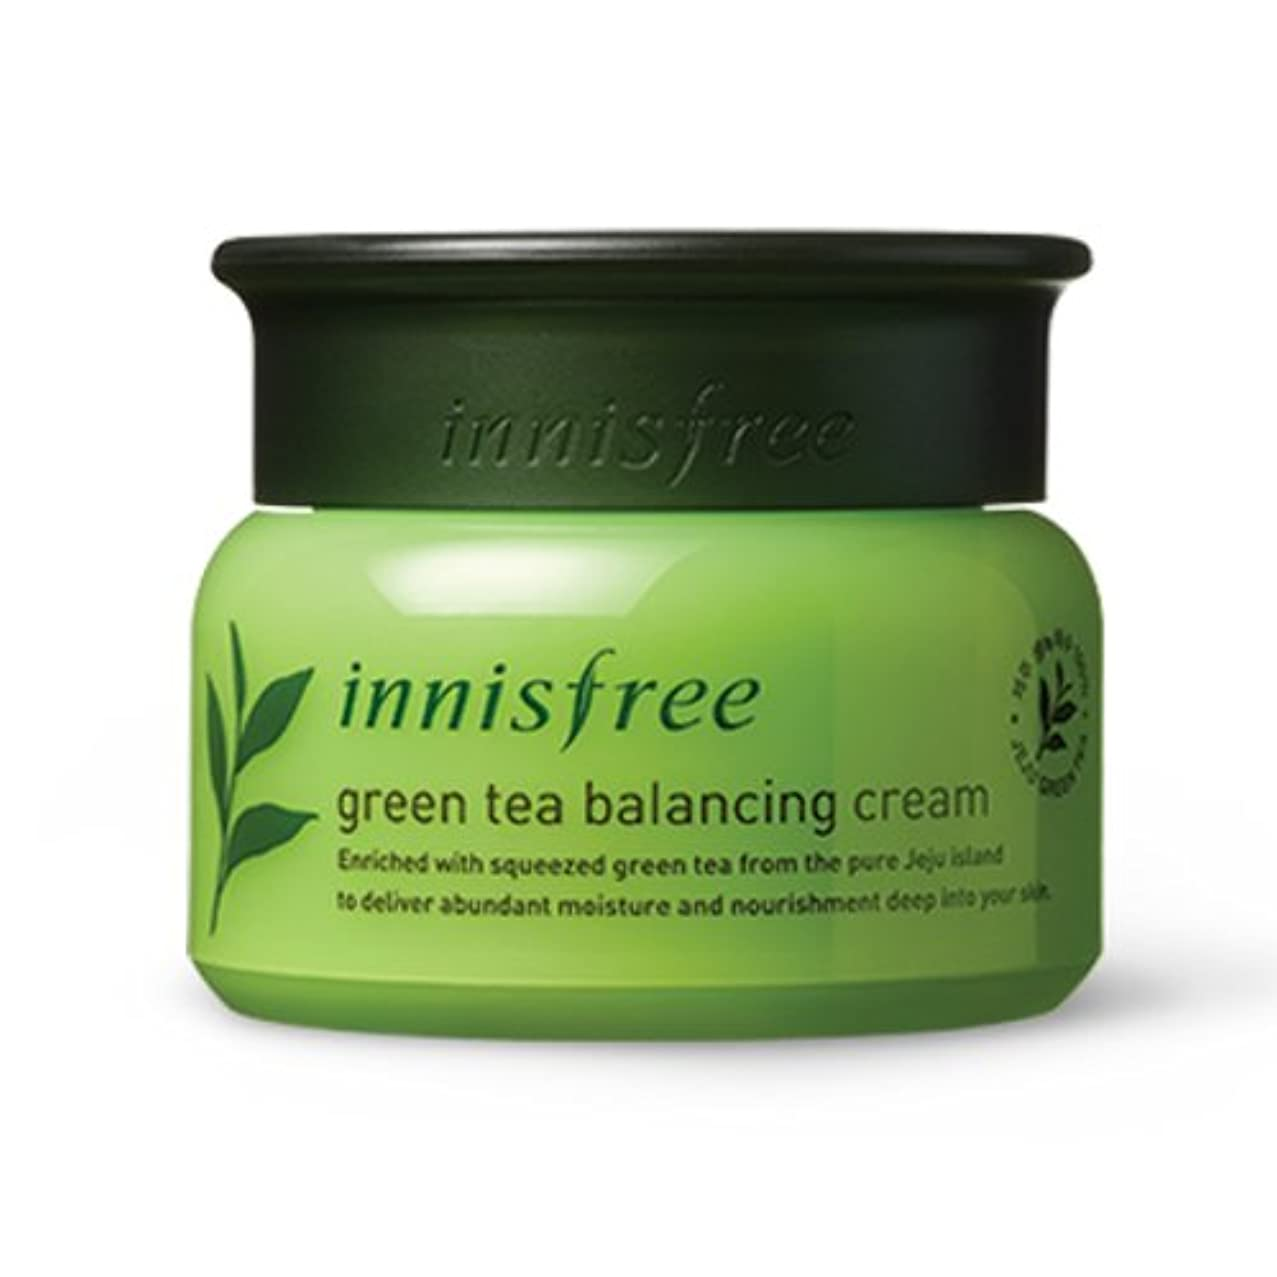 内向き受粉者生きる[INNISFREE]イニスフリーグリーンティーバランシング クリーム 50ml green tea balancing cream50ml